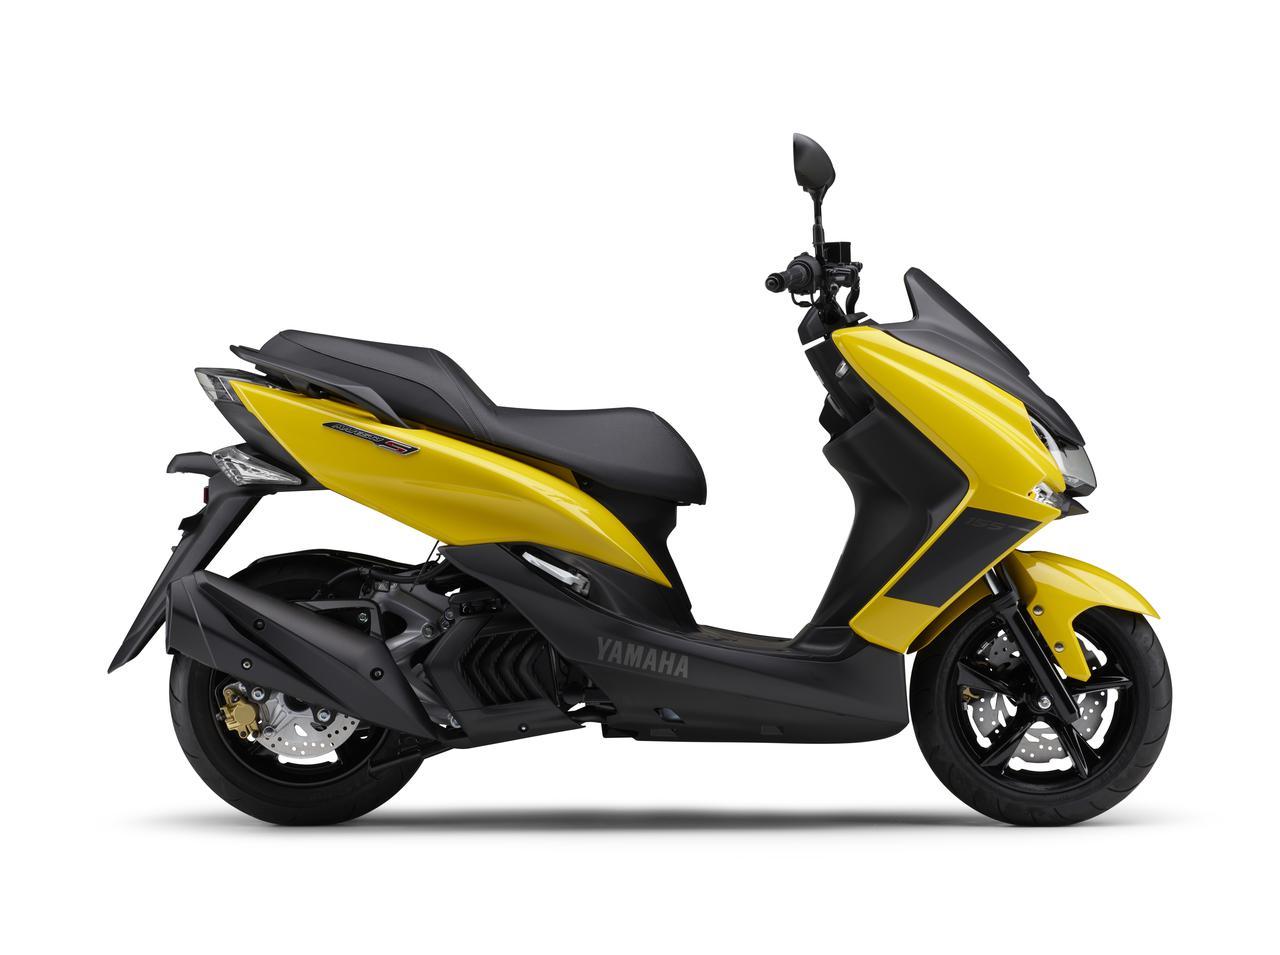 画像4: ヤマハ「マジェスティS」【1分で読める 2021年に新車で購入可能な150ccバイク紹介】